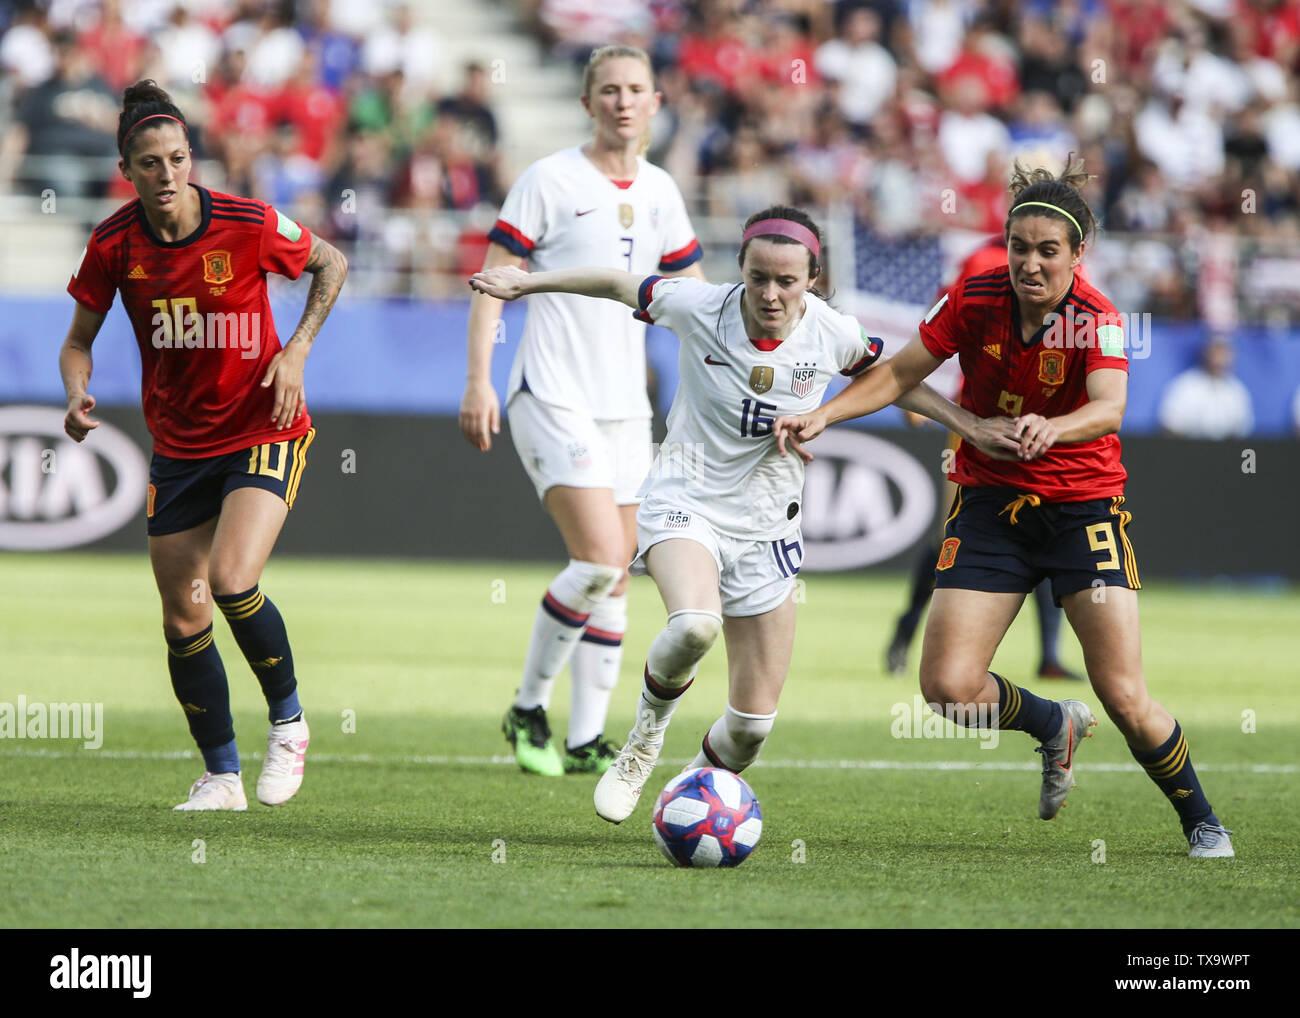 Junio 24, 2019 - Rose Lavelle 16 y Mariona Caldentey 9; durante la Francia 2019 Copa del Mundo de Fútbol Femenino de octavos de final del partido de fútbol entre España y EE.UU., el 24 de junio de 2019, en el estadio Auguste-Delaune en Reims, en el norte de Francia. (Crédito de la Imagen: © Elyxandro CegarraZUMA Wire) Imagen De Stock